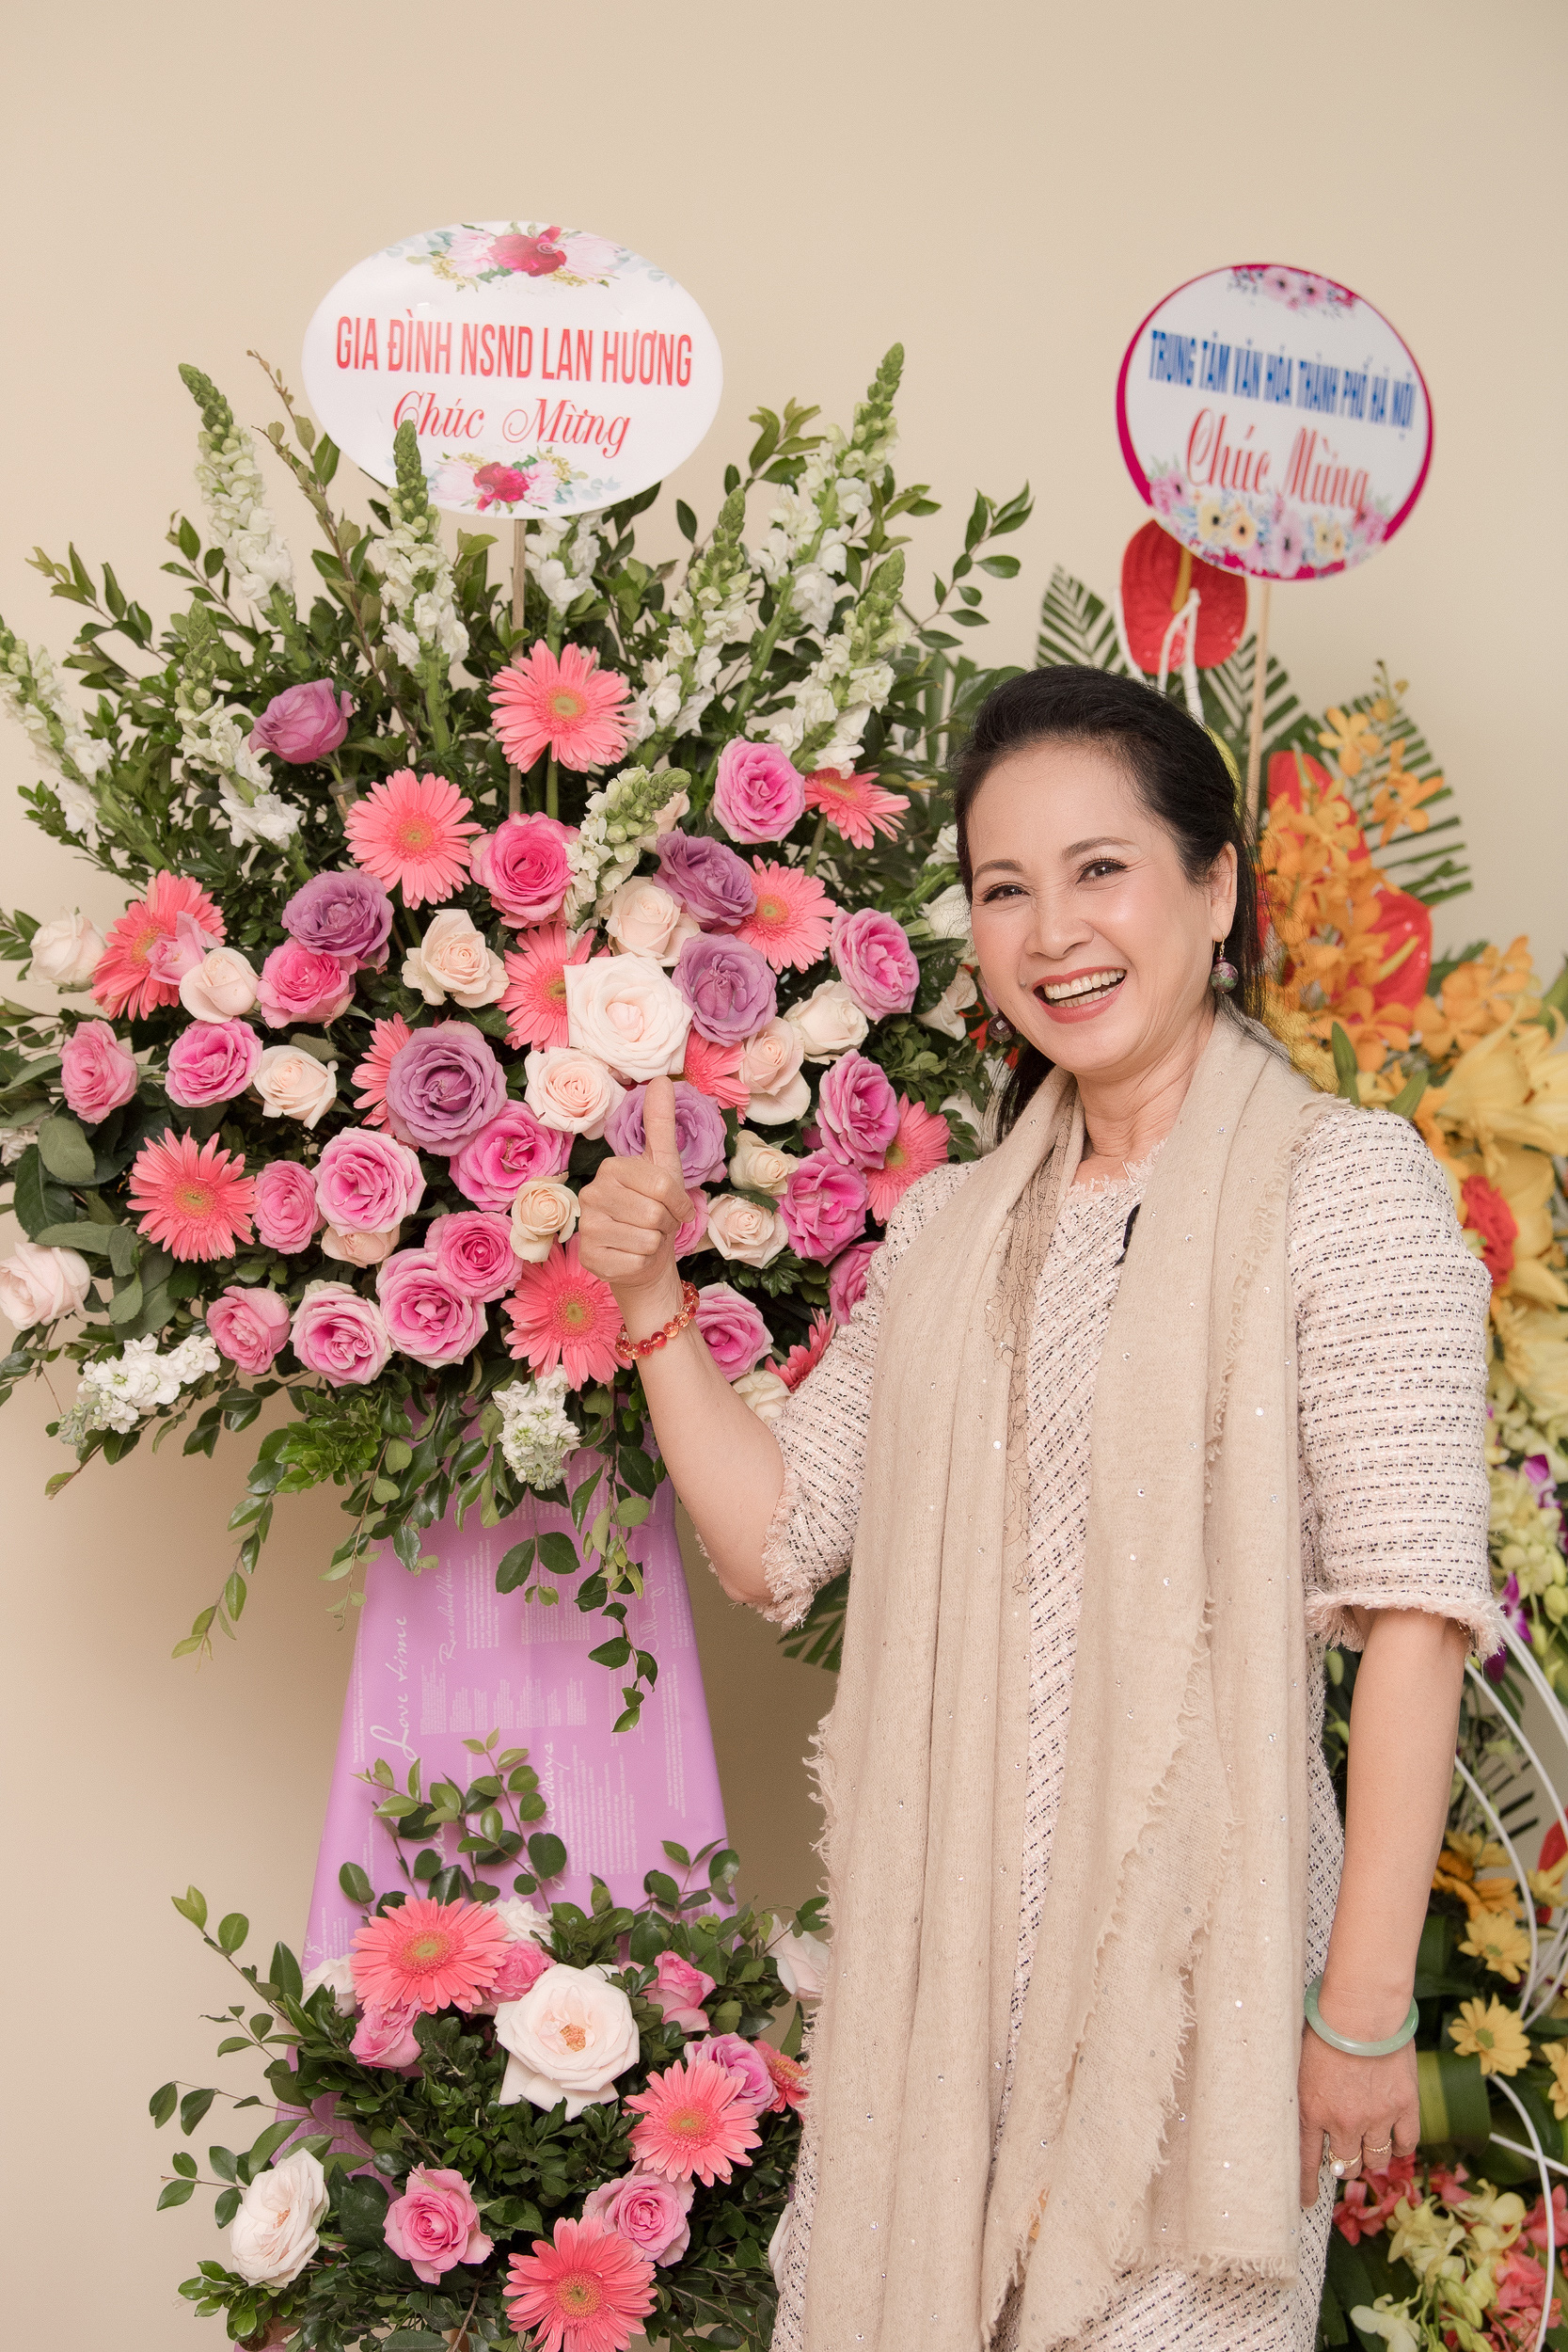 Dàn sao Việt chúc Tết 2020 độc giả báo điện tử Tổ Quốc  - Ảnh 3.